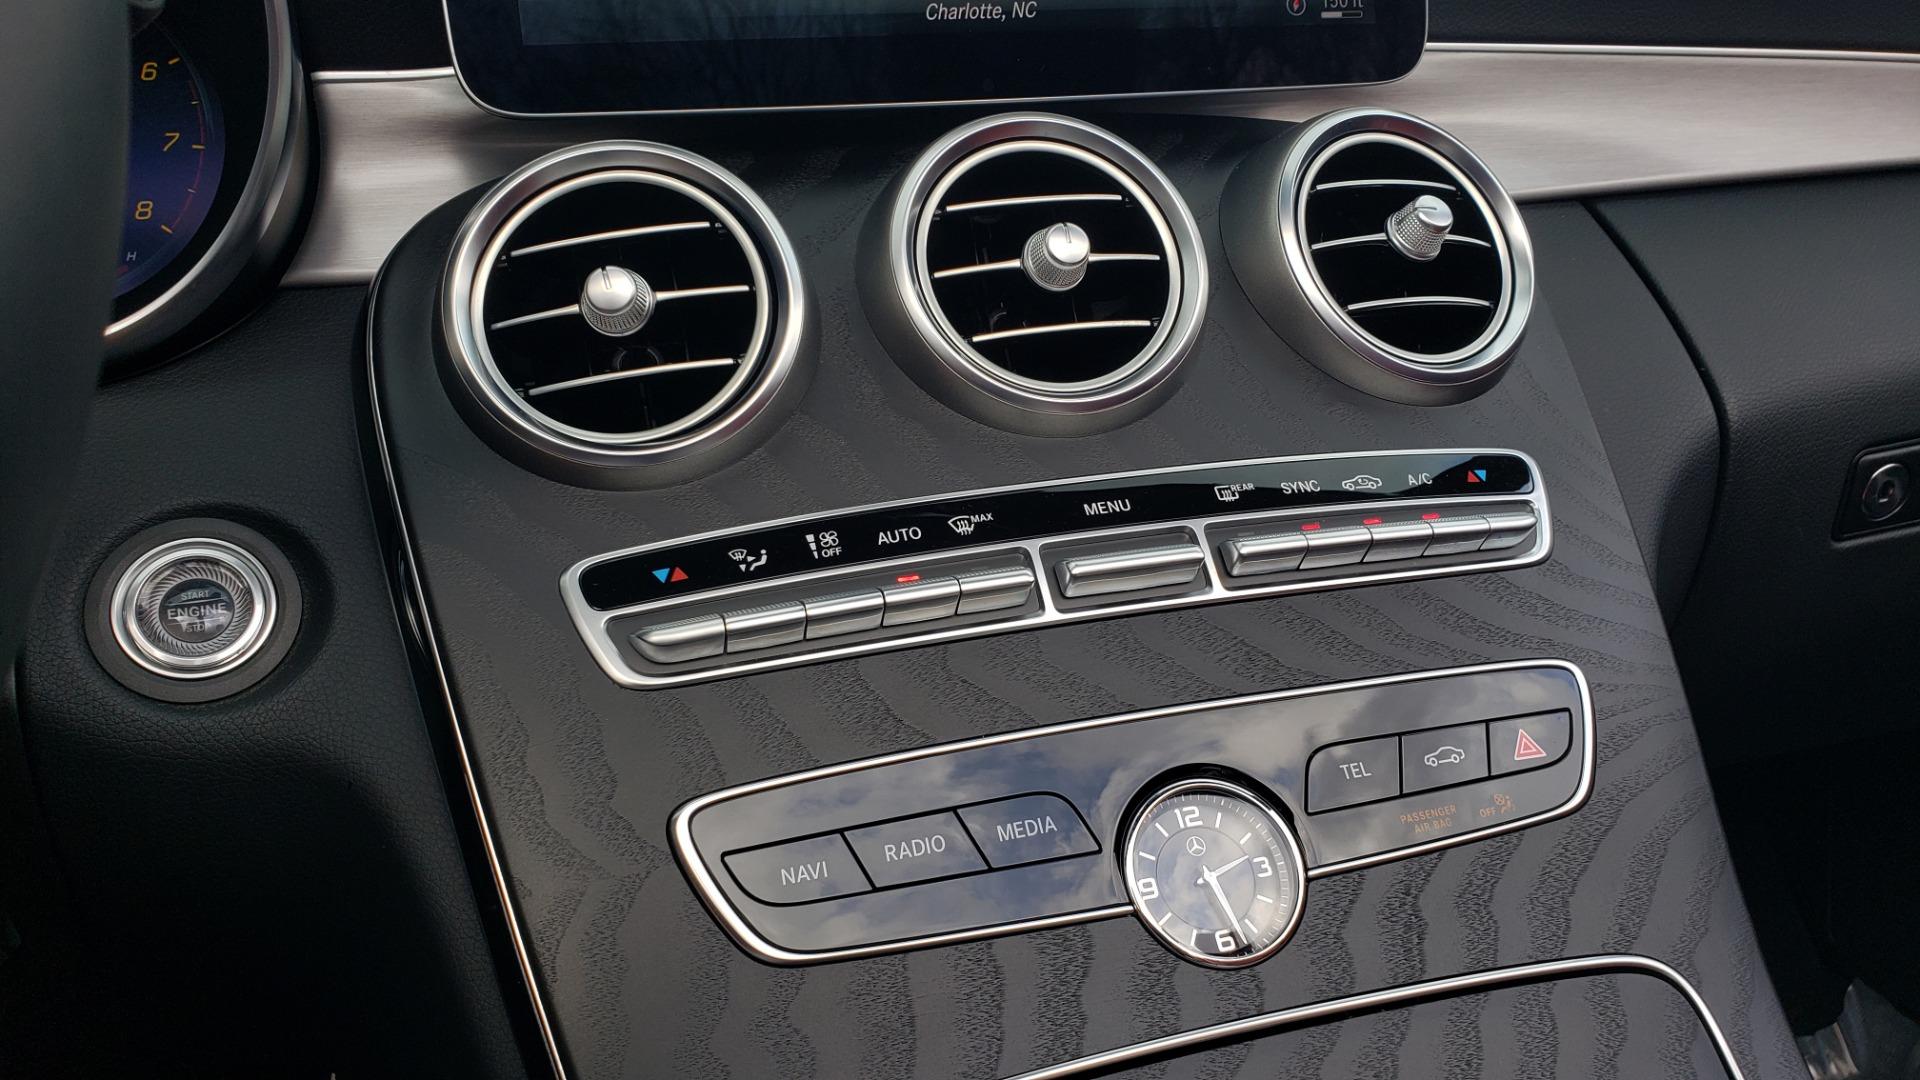 Used 2019 Mercedes-Benz C-CLASS C 300 CABRIOLET / PREM PKG / NAV / BURMESTER / MULTIMEDIA for sale Sold at Formula Imports in Charlotte NC 28227 48